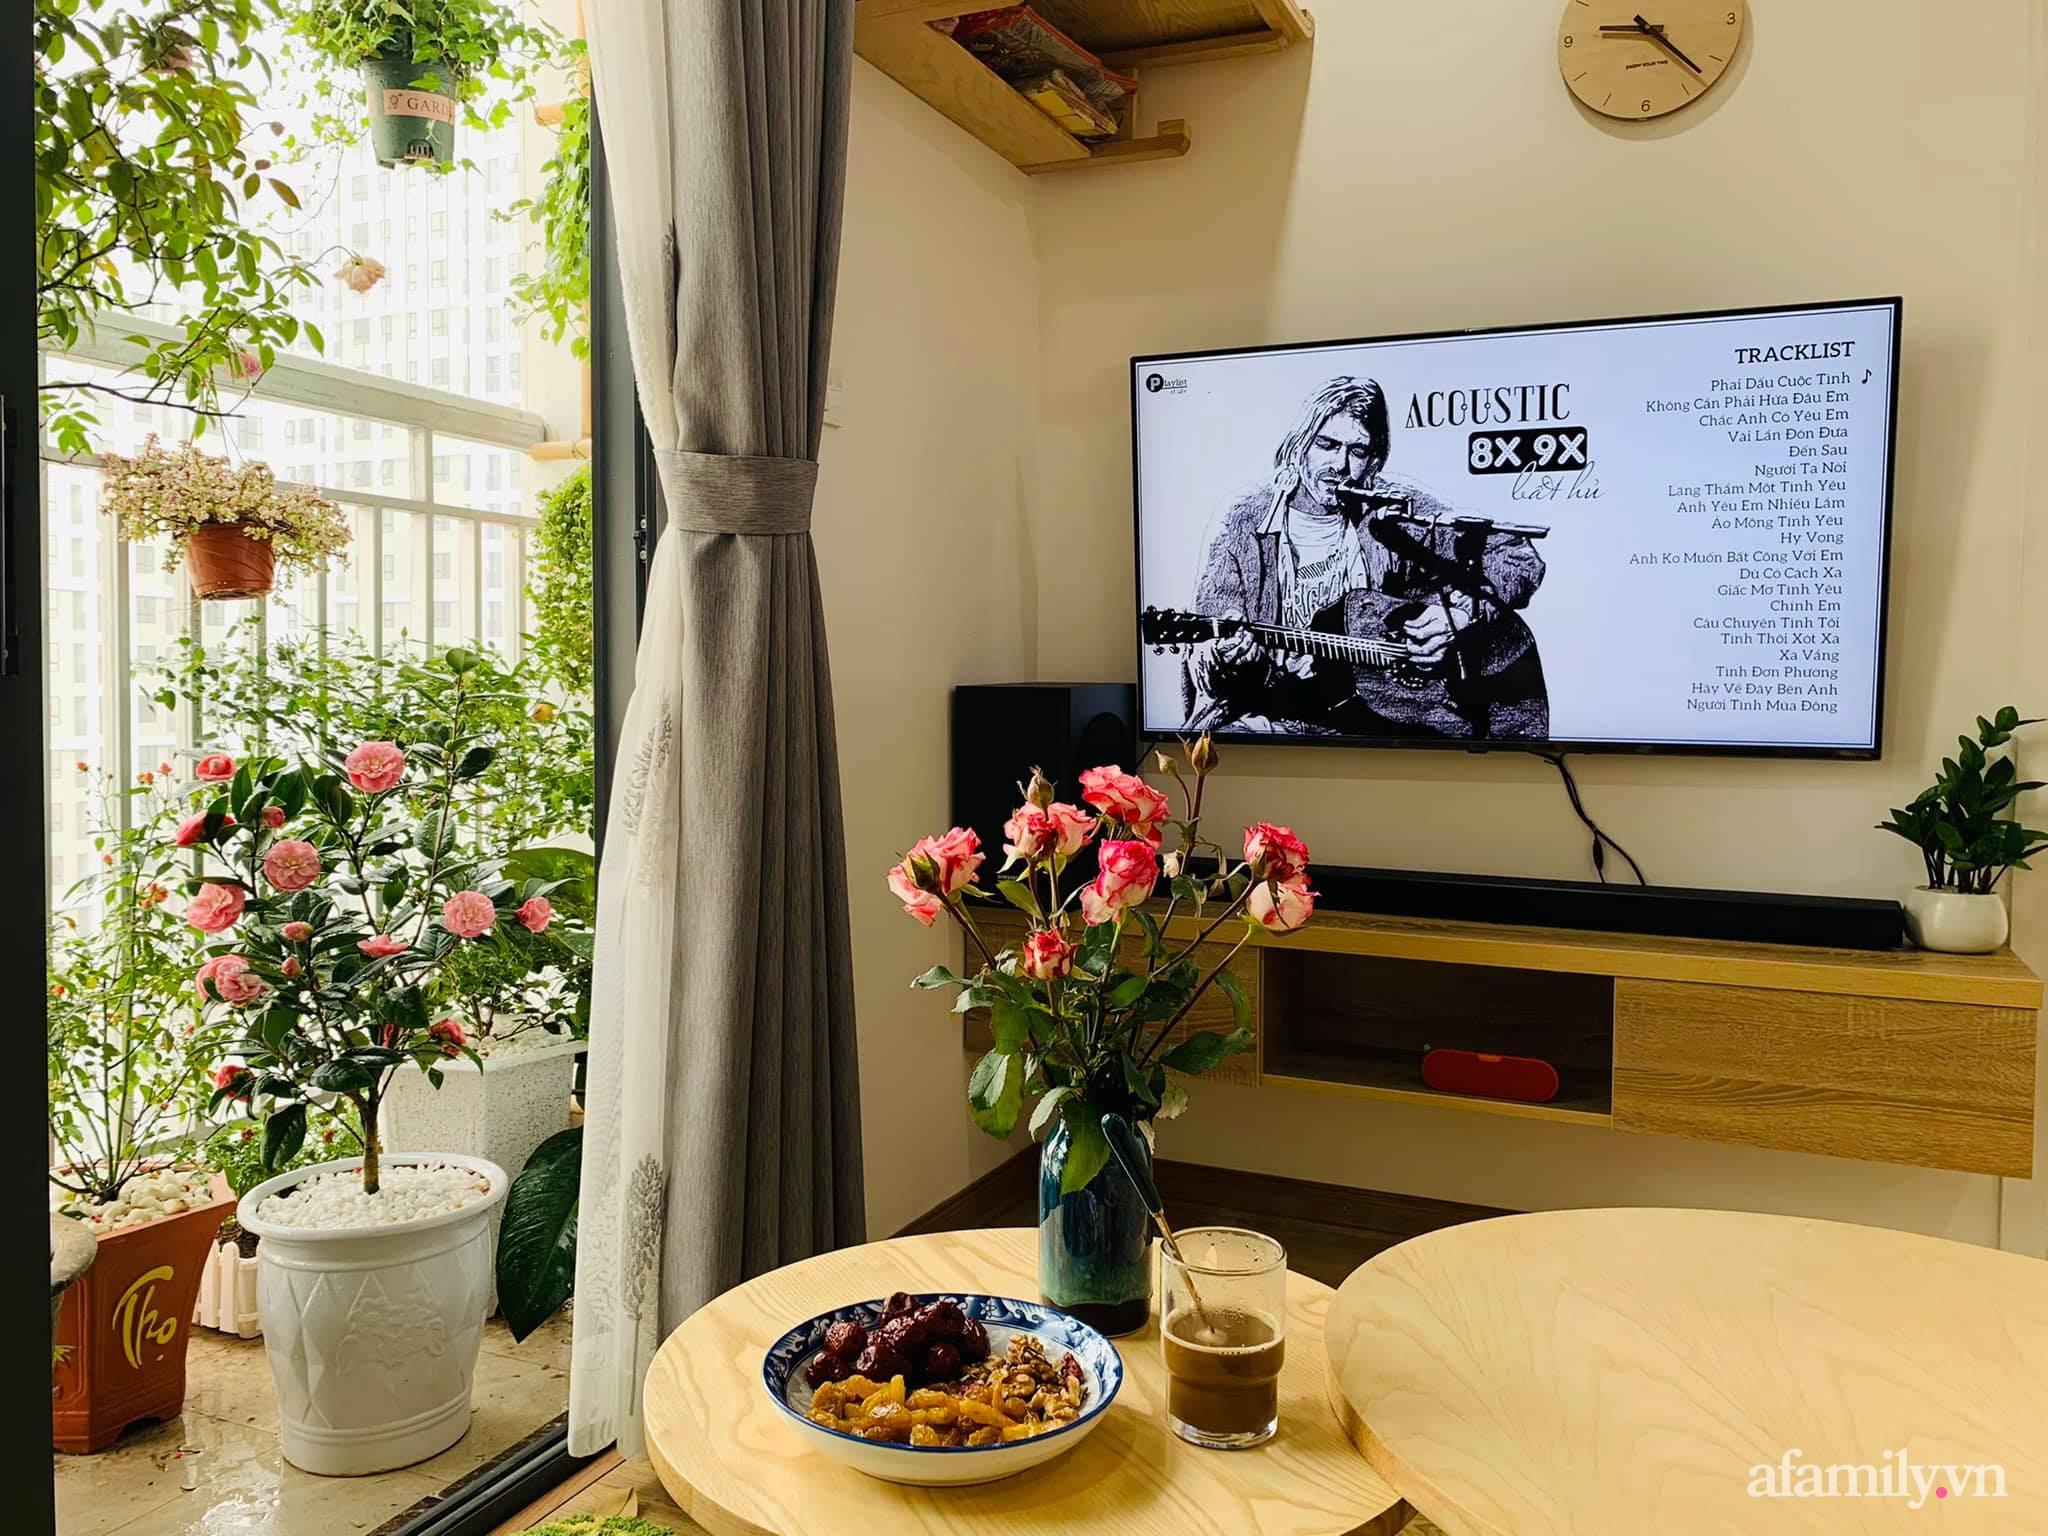 Nhà ở xã hội 69m² siêu ấm áp và tiện ích có chi phí cải tạo 200 triệu đồng của cặp vợ chồng 9X ở Từ Liêm, Hà Nội - Ảnh 8.